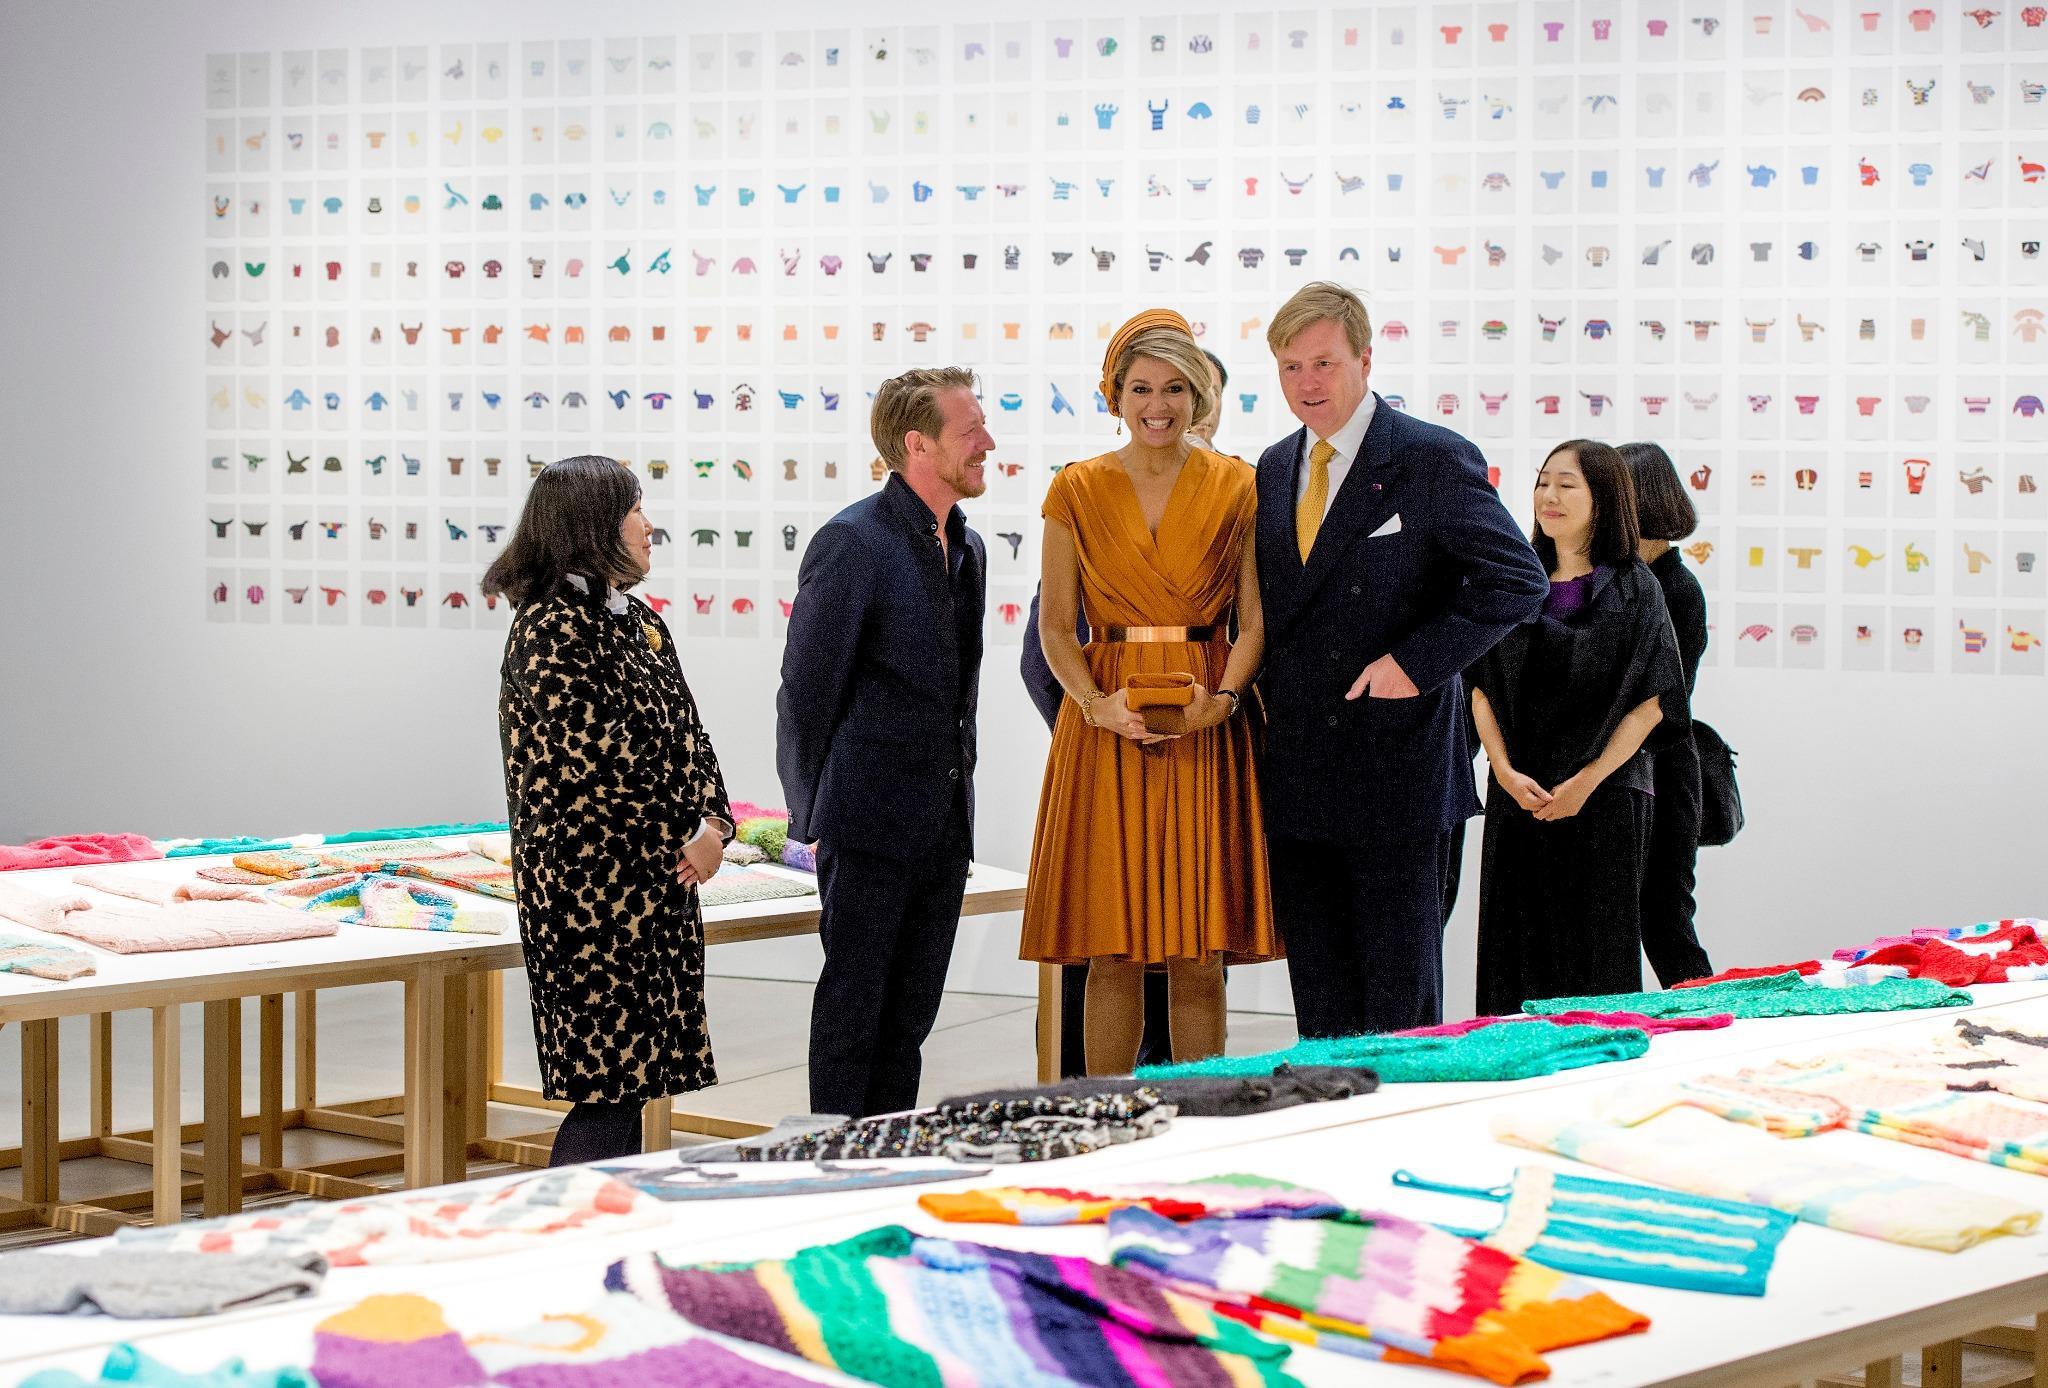 Het Koninklijk Paar bekijkt #truienvanLoes @2121DESIGNSIGHT onderzoekscentrum voor vormgeving en design #NLJapan http://t.co/dRWecxIvtu